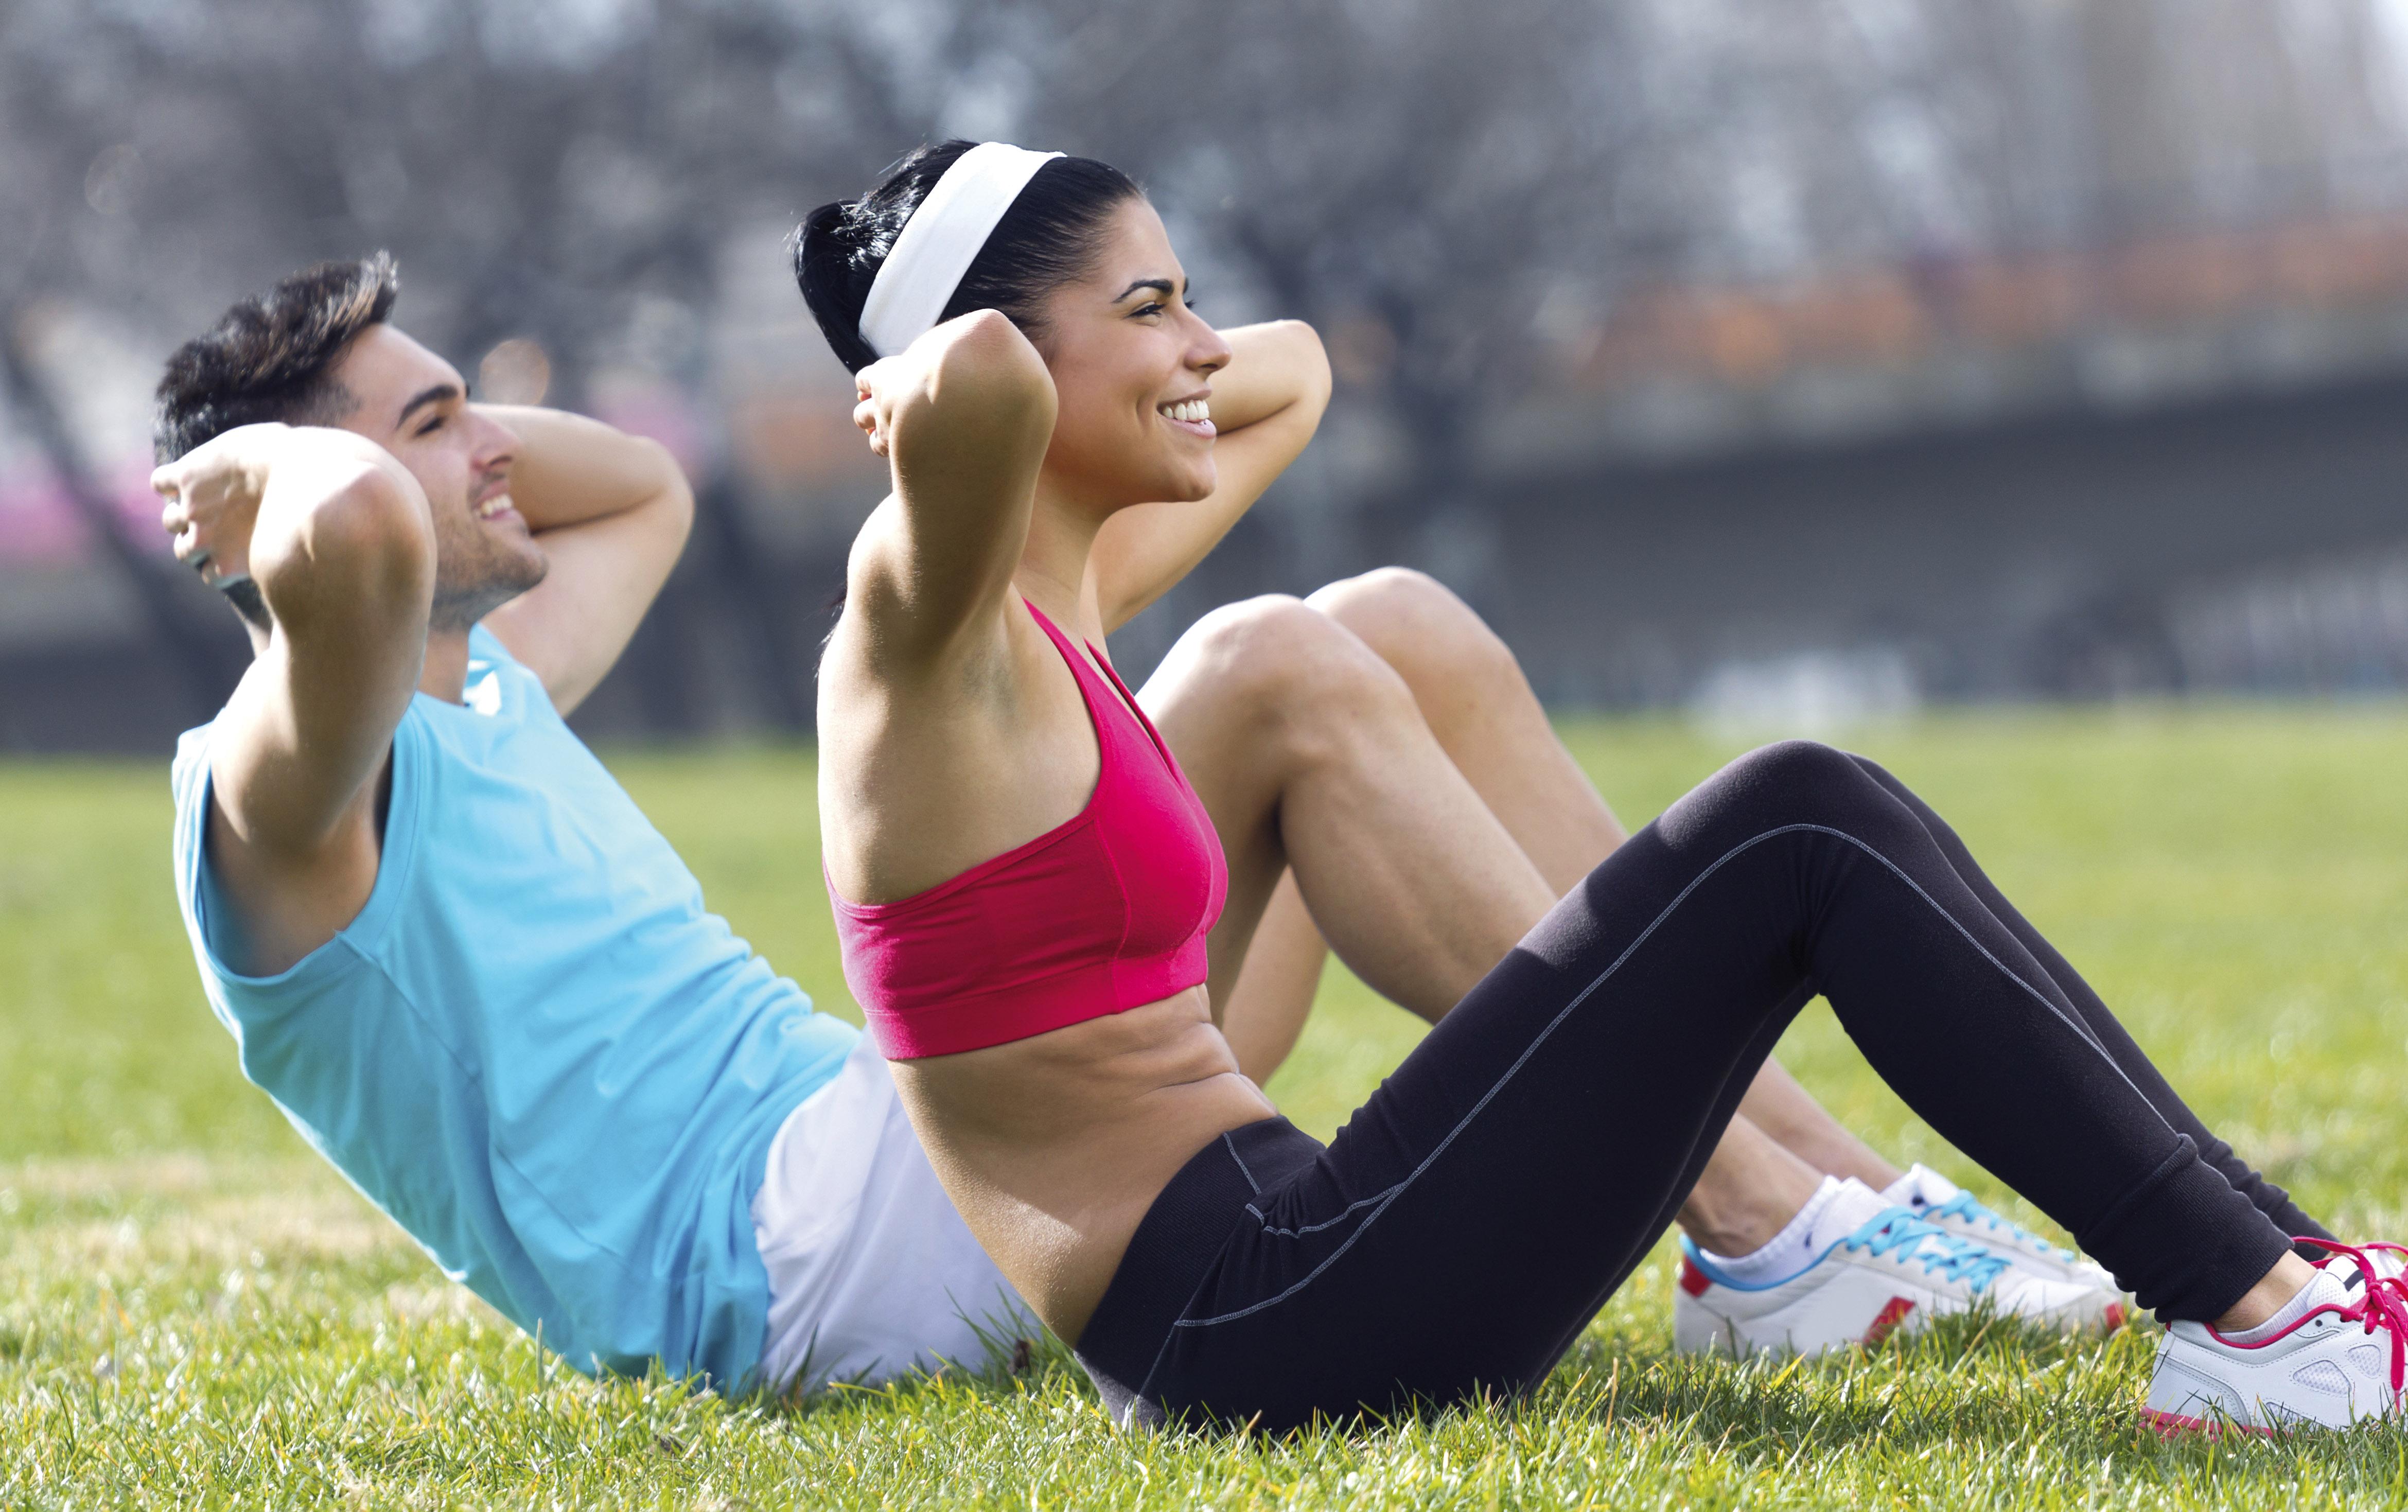 Cuanto ejercicio hacer para bajar de peso